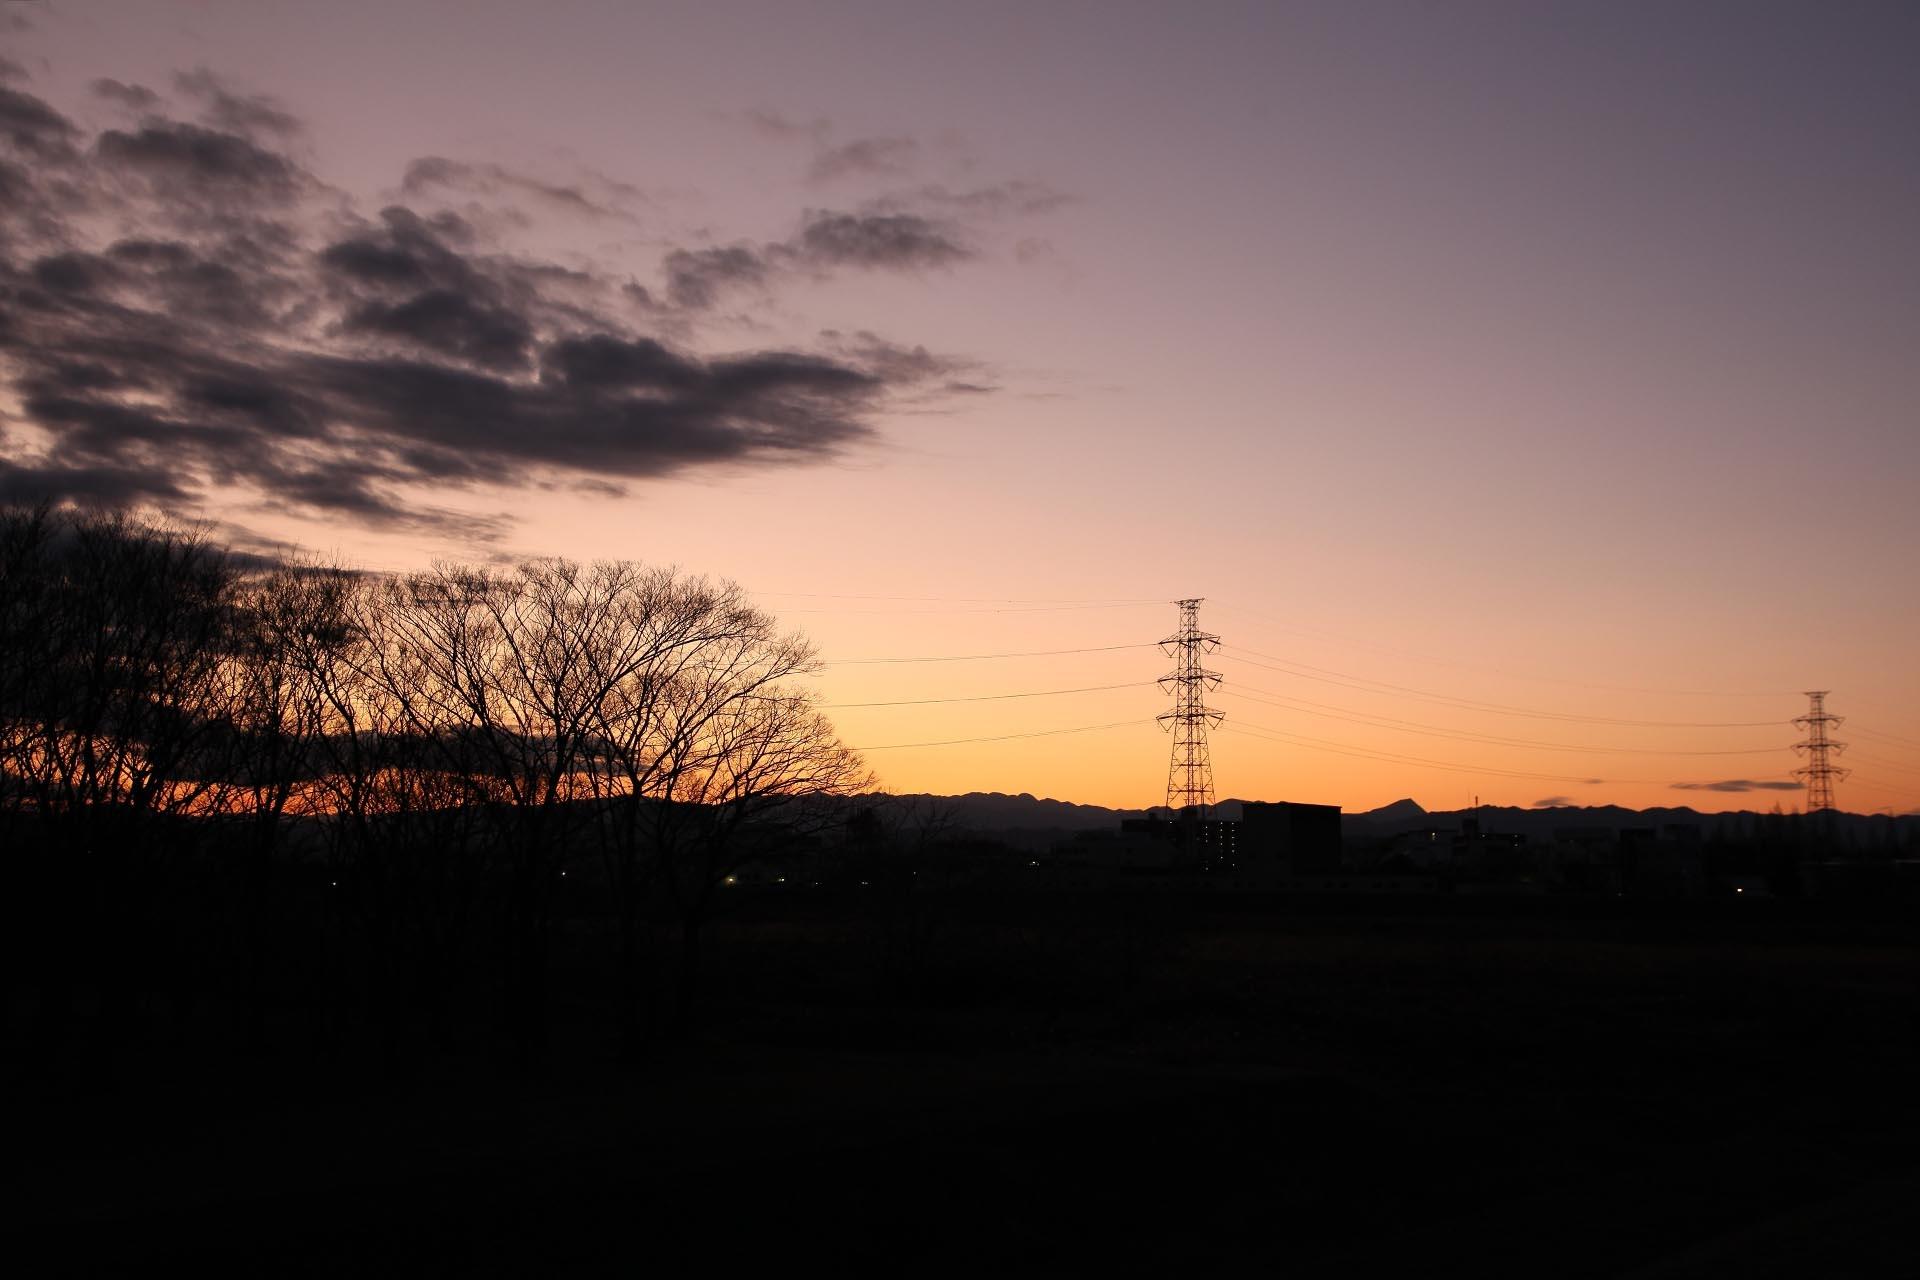 冬の夕暮れの風景 埼玉の風景